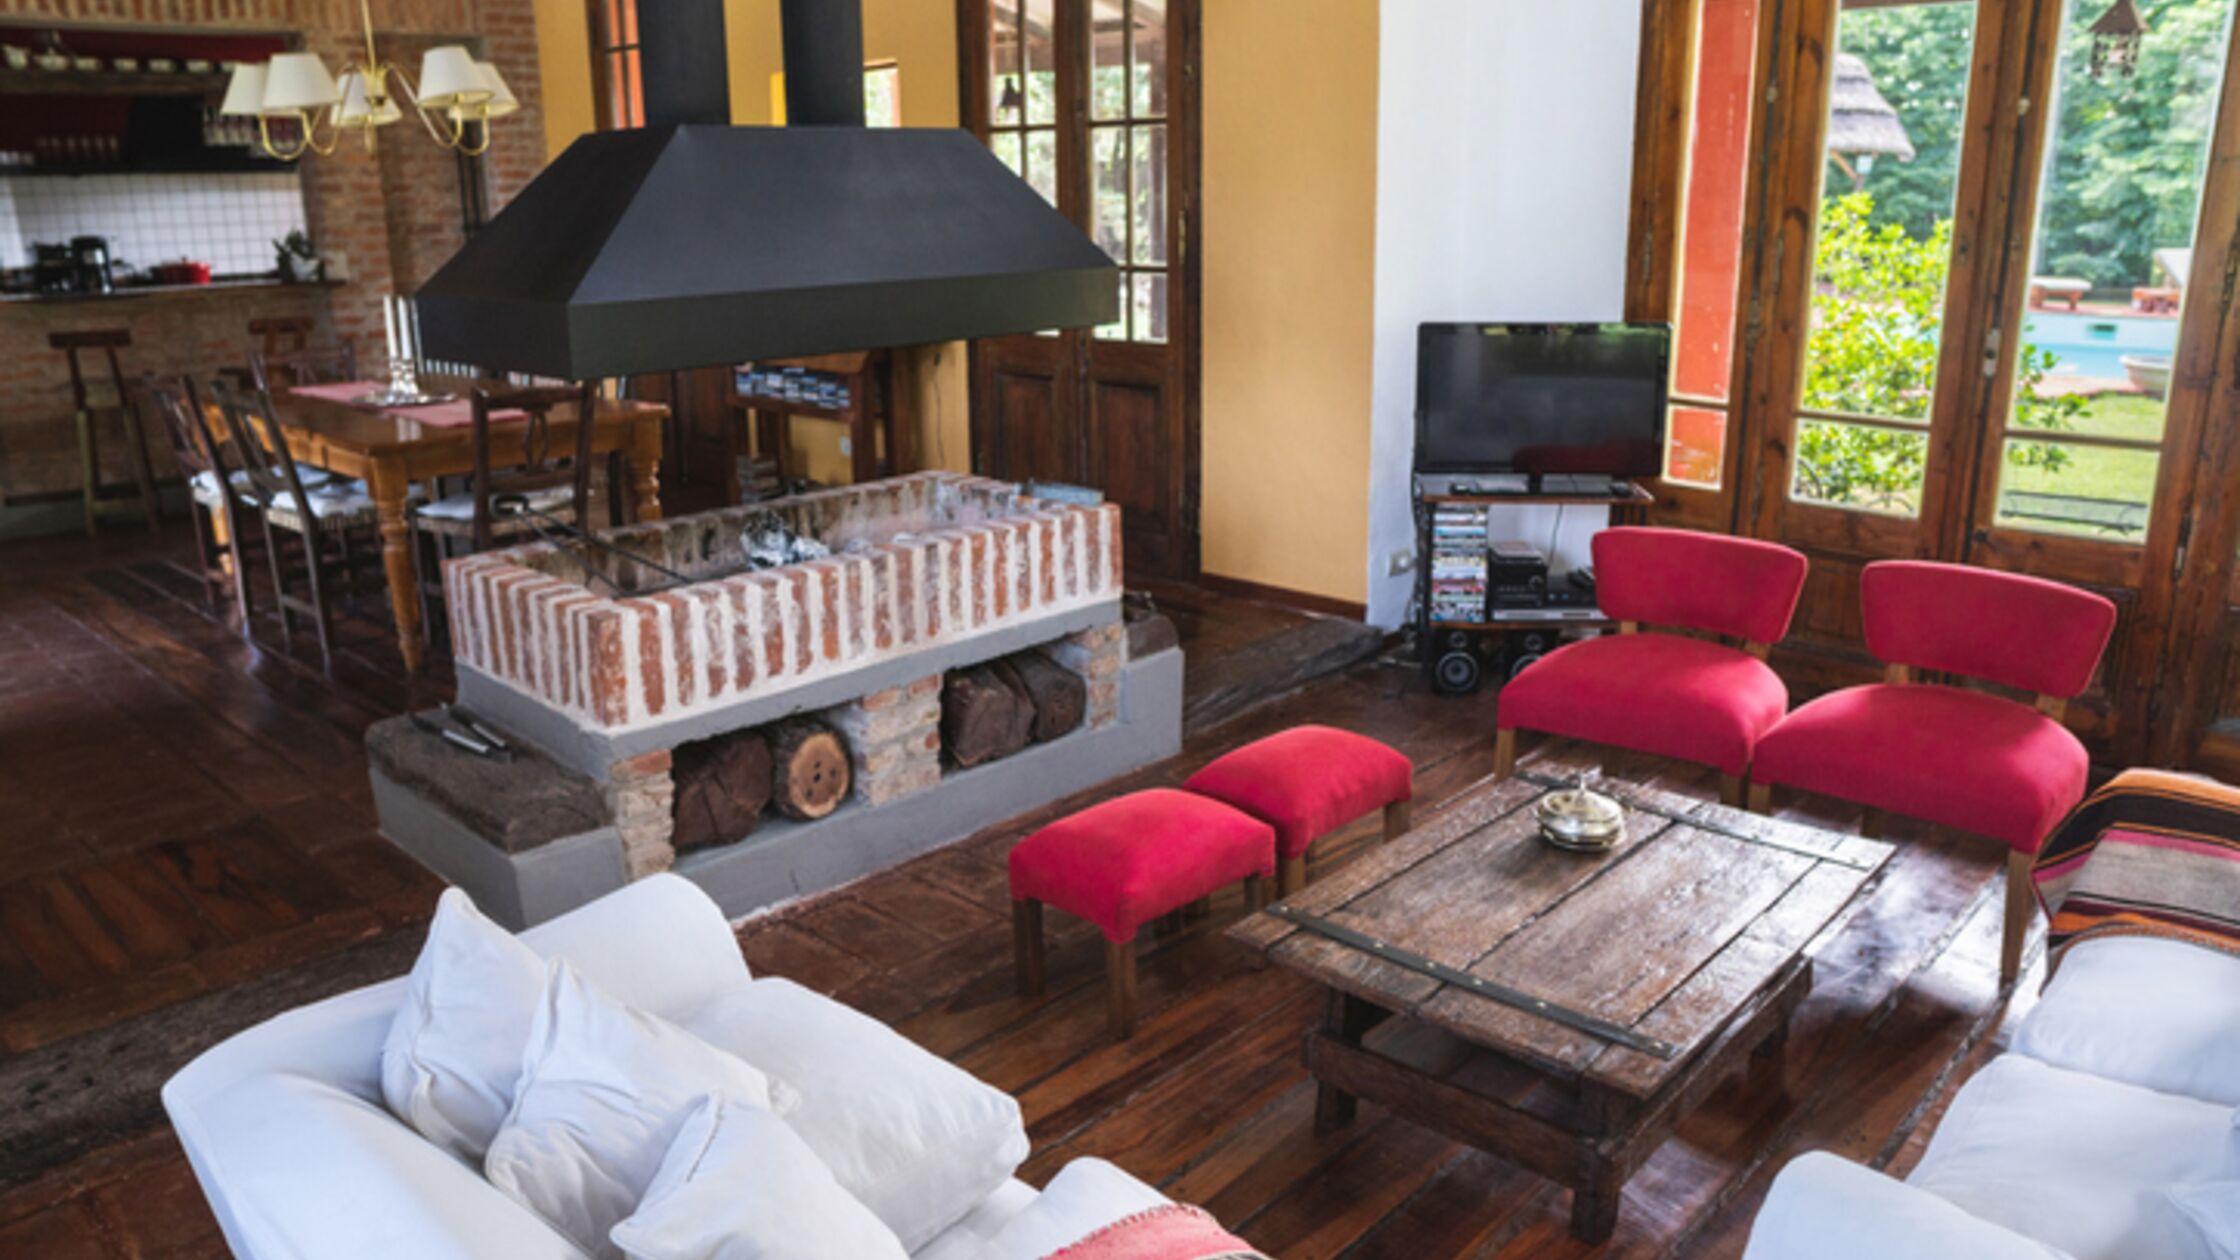 Wohnzimmer im Landhausstil